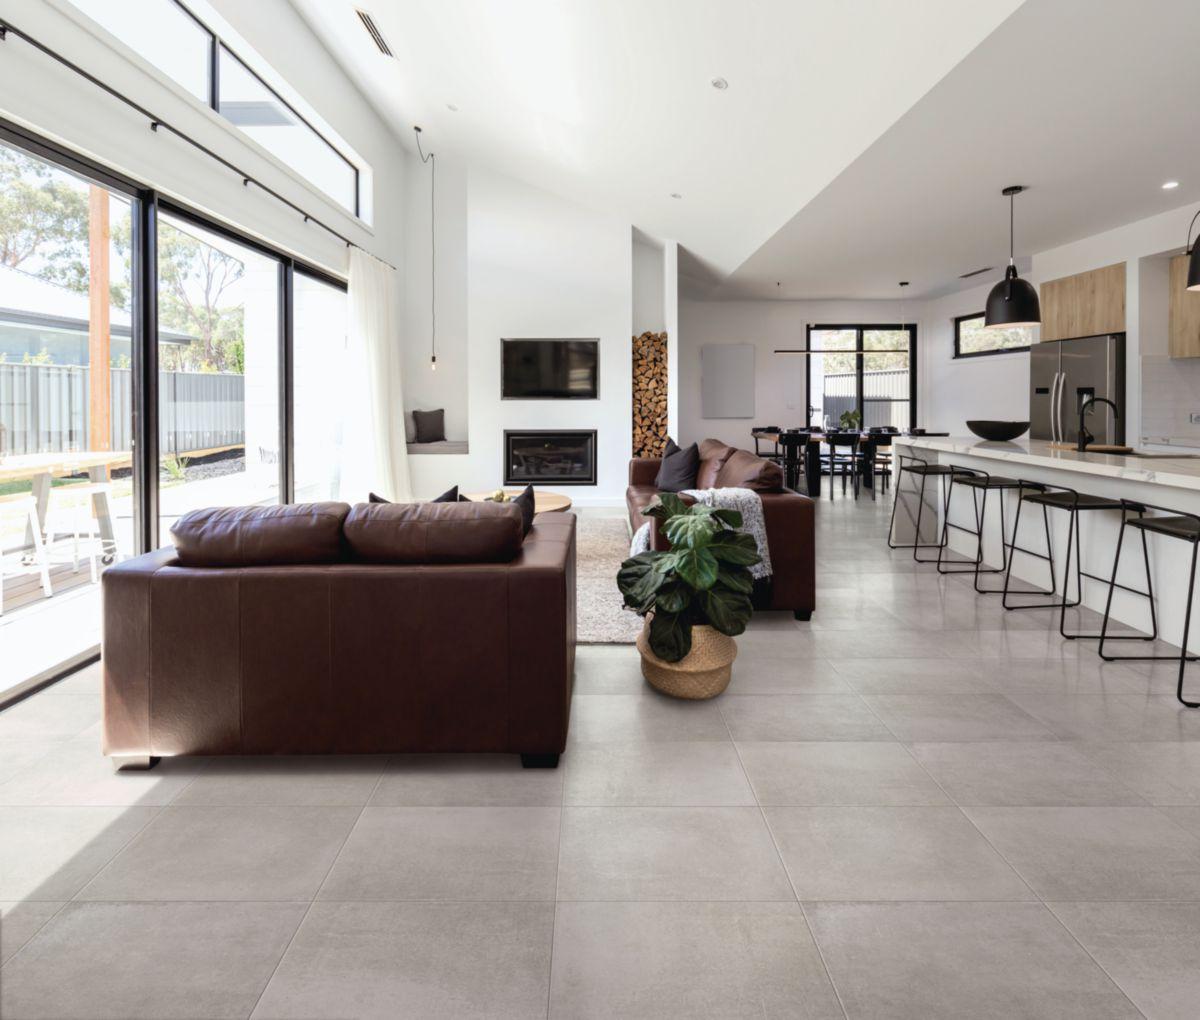 Carrelage Effet Beton Cuisine carrelage sol intérieur grès cérame beton evolution - gris moyen mat -  45x45 cm - ép. 9 mm